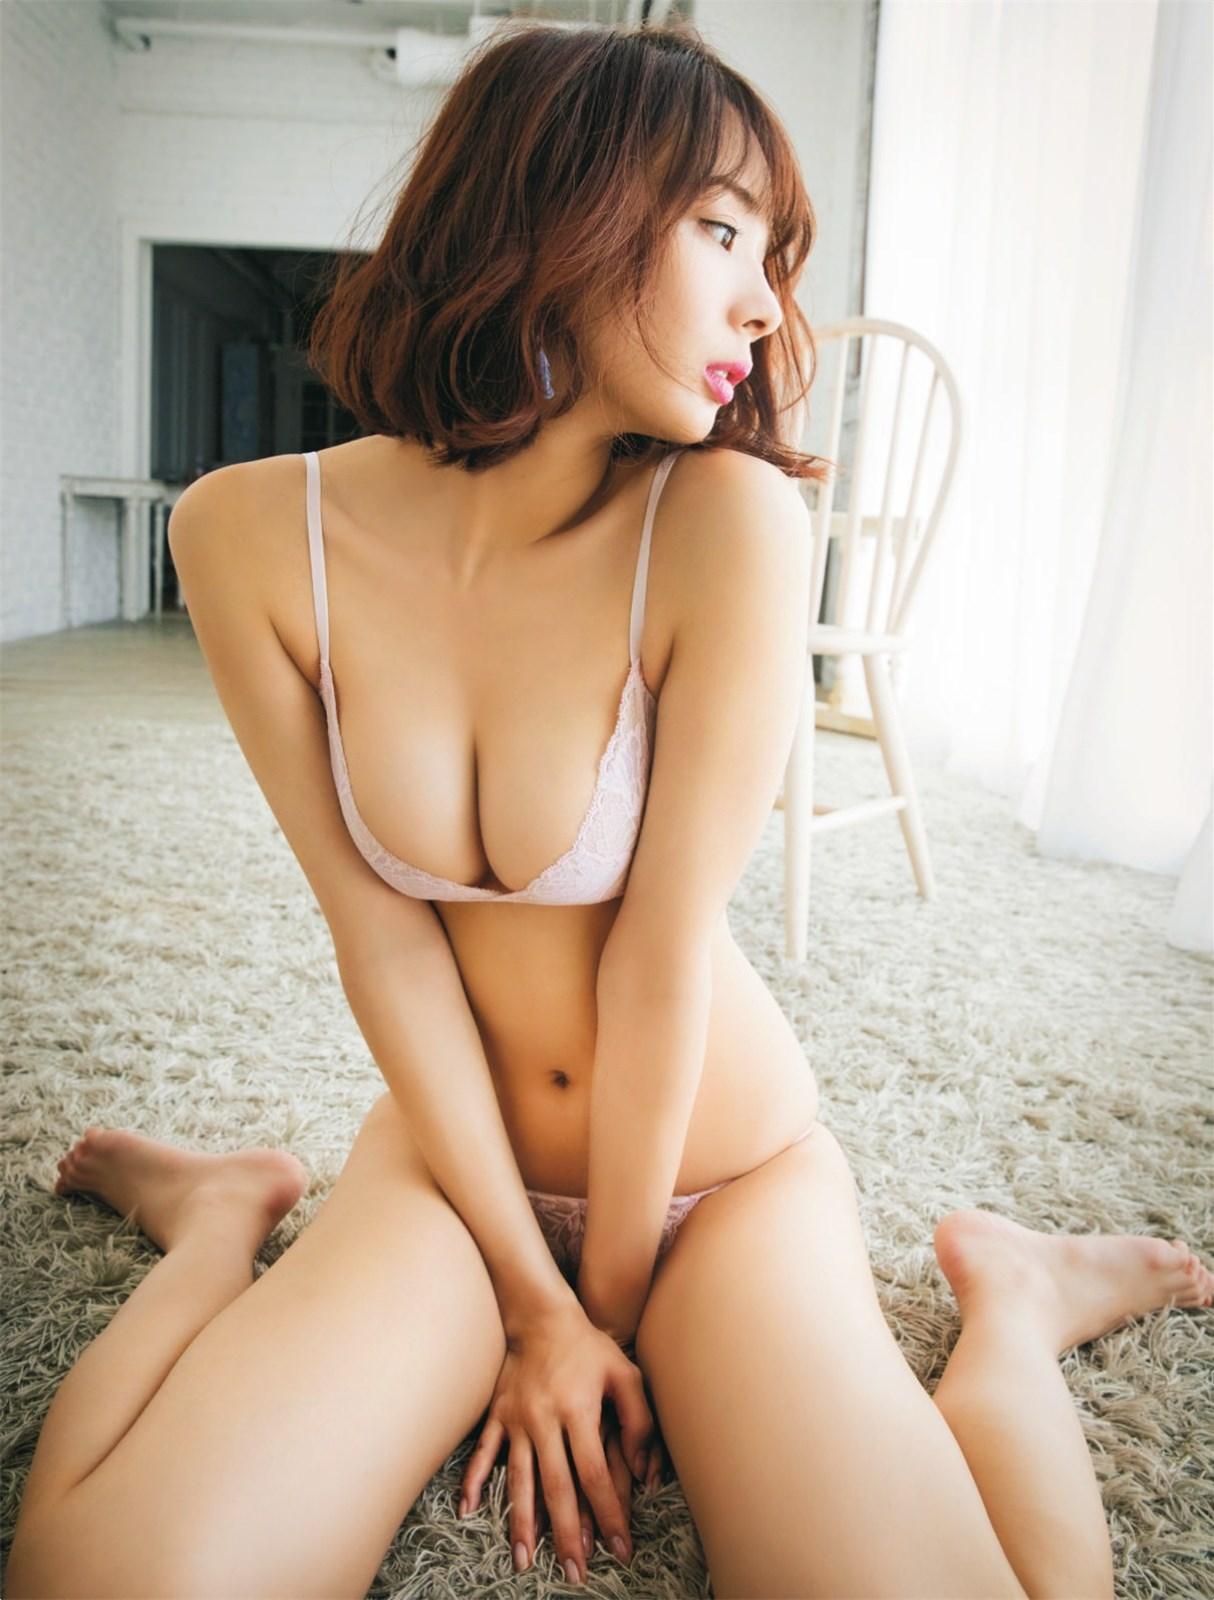 Sayaka Okada 岡田紗佳, Shukan SPA! 2017.09.05 (週刊スパ 2017年09月05日号)